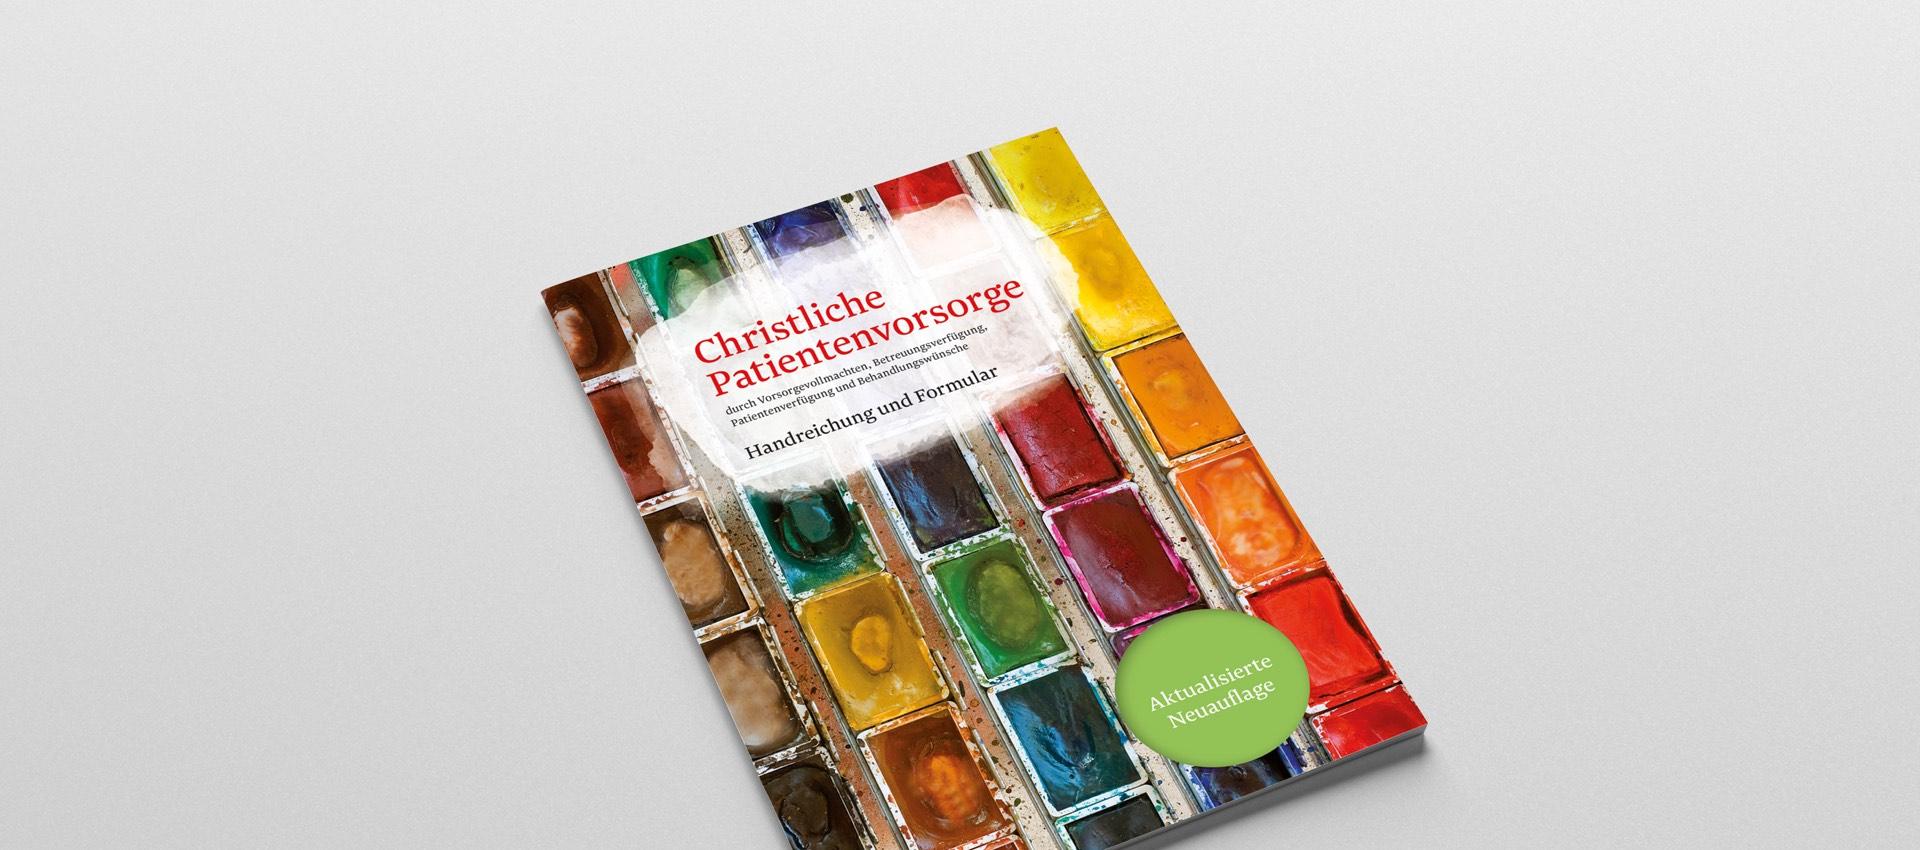 Deutsche Bischofskonferenz: Christliche Patientenvorsorge